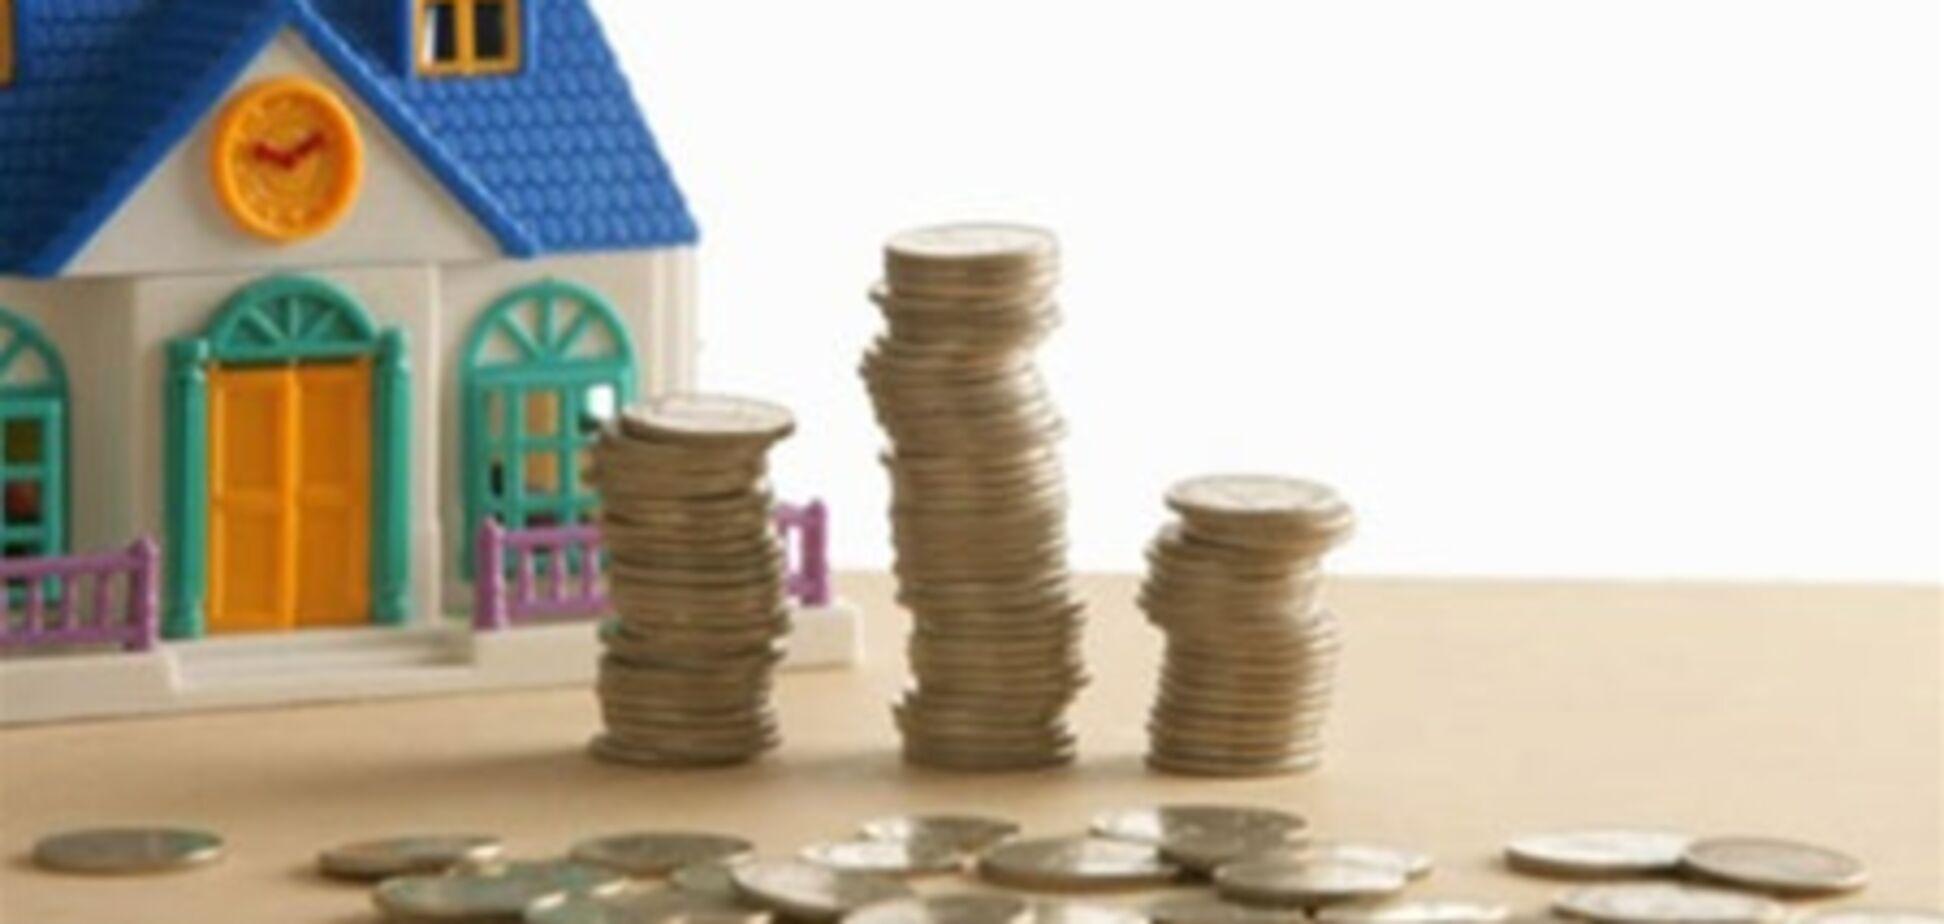 Названы главные проблемы на рынке ипотеки